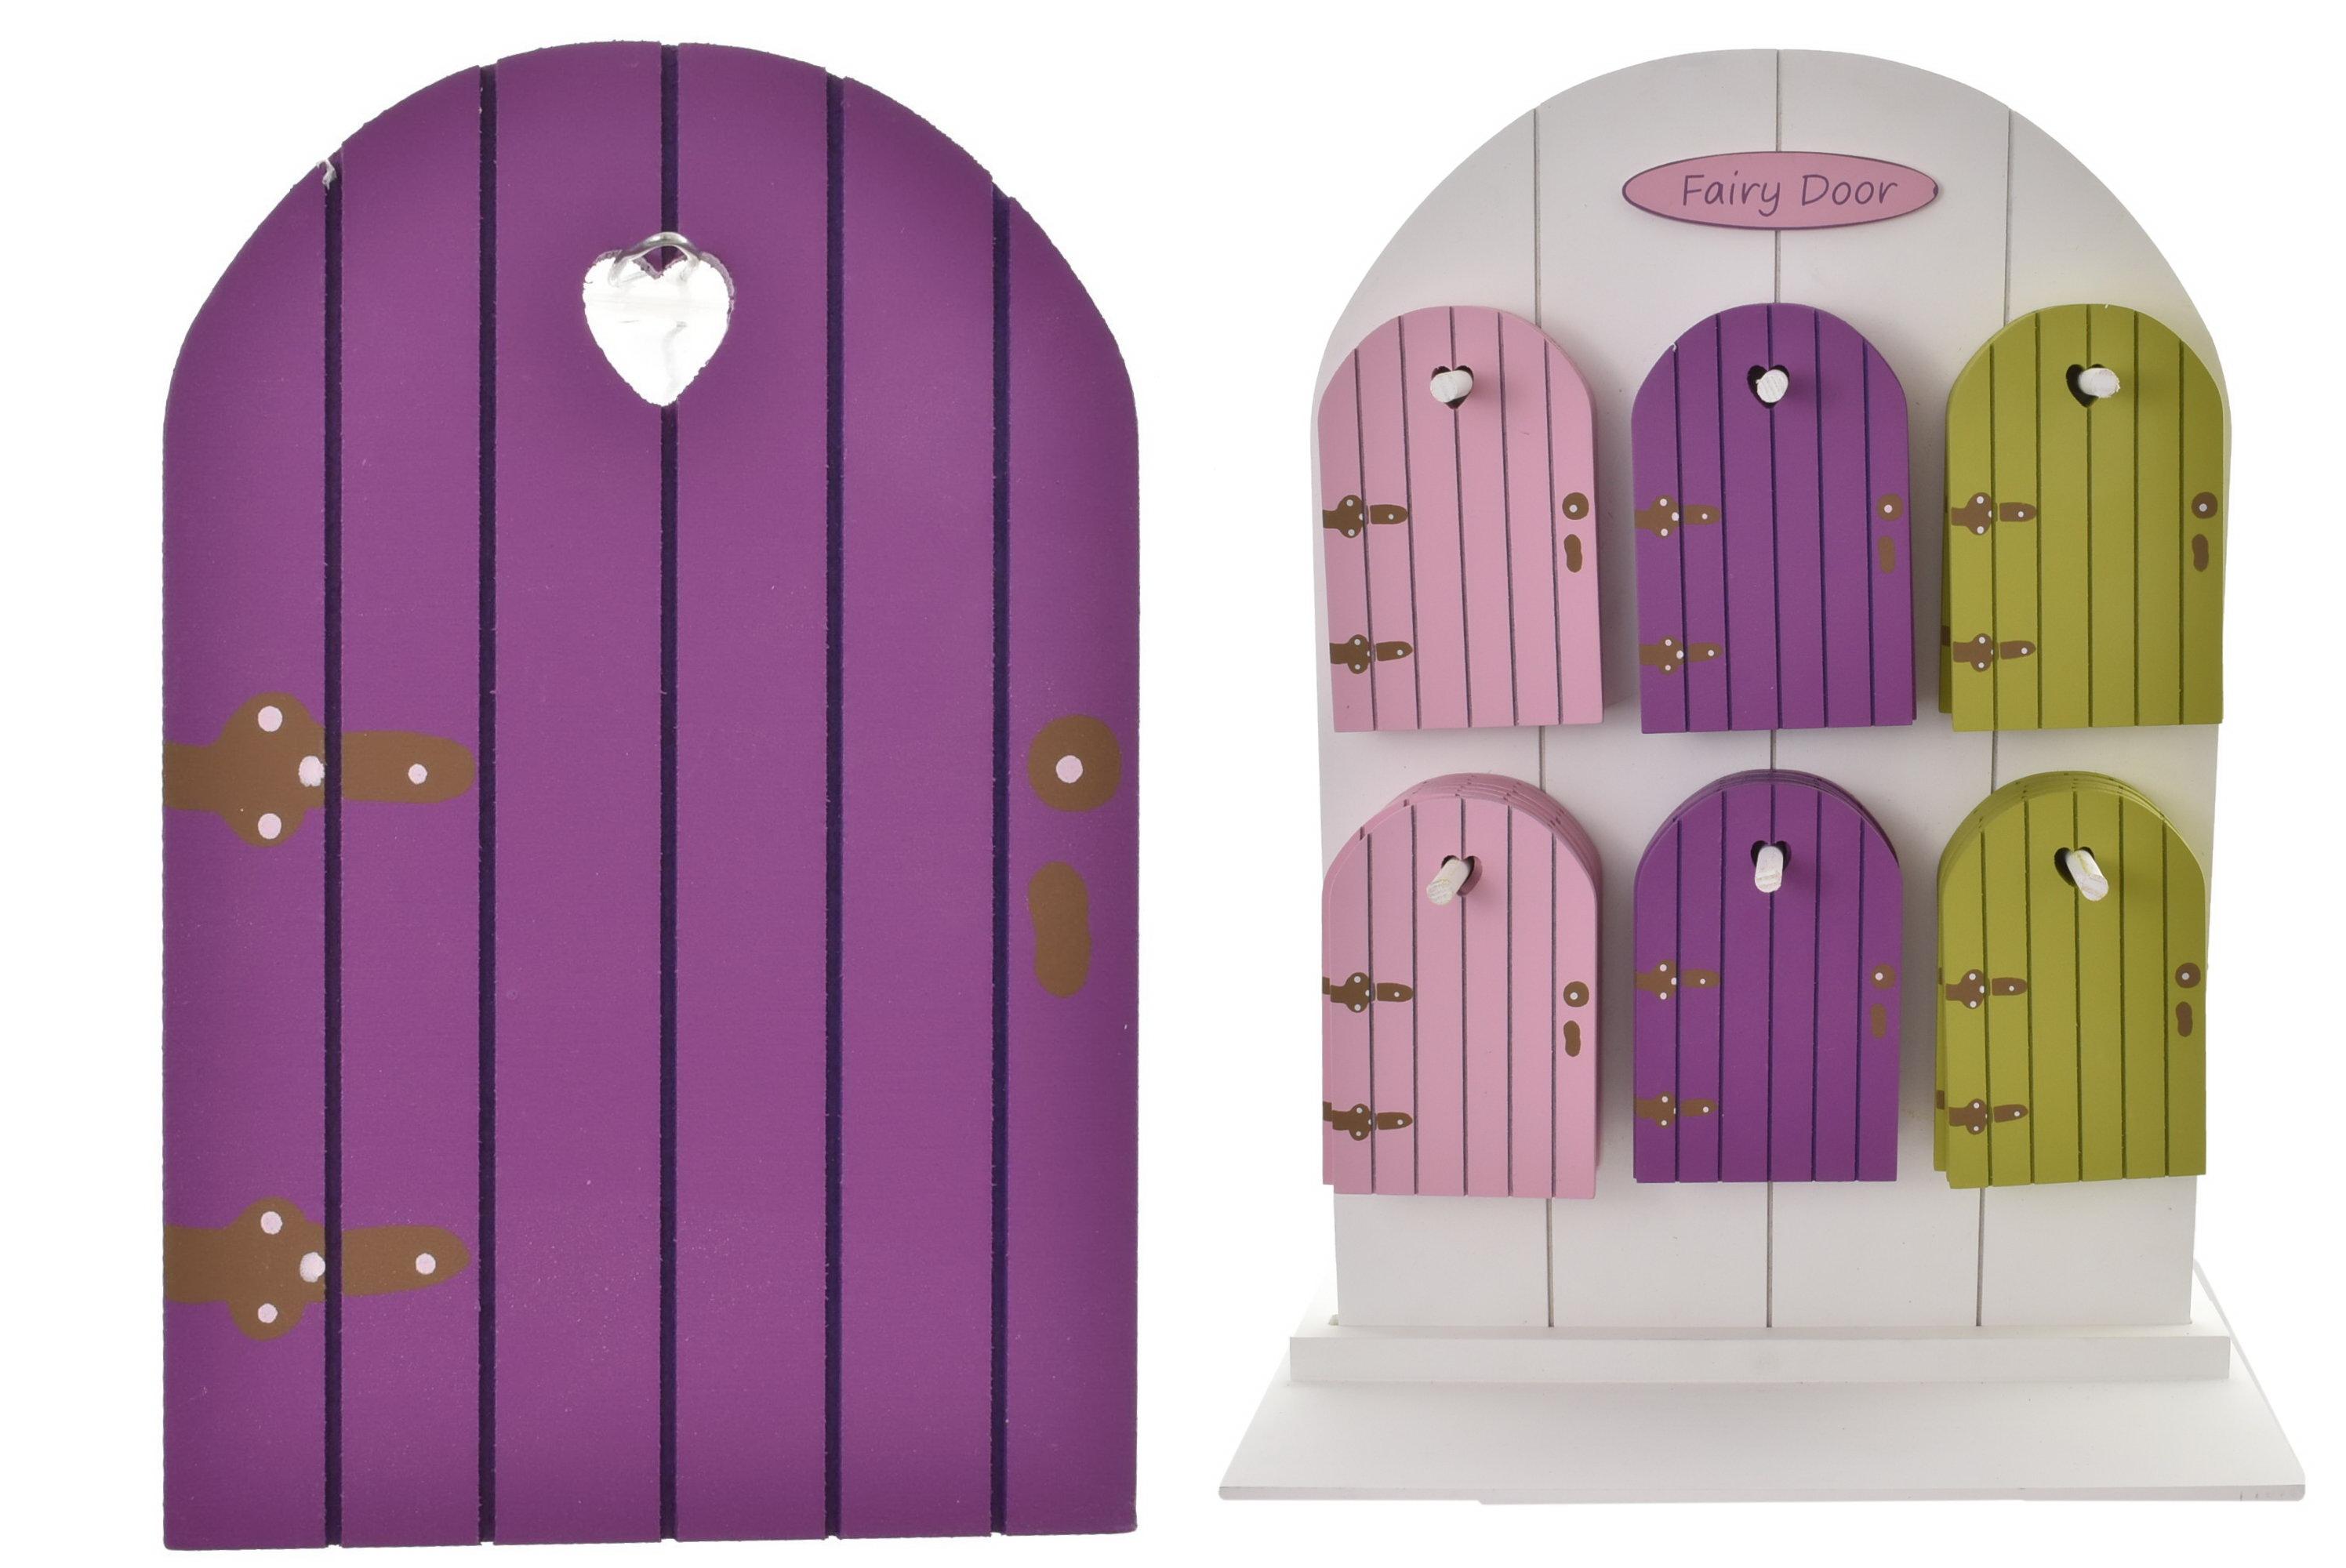 Wooden Fairy Door 13cm On Display Stand